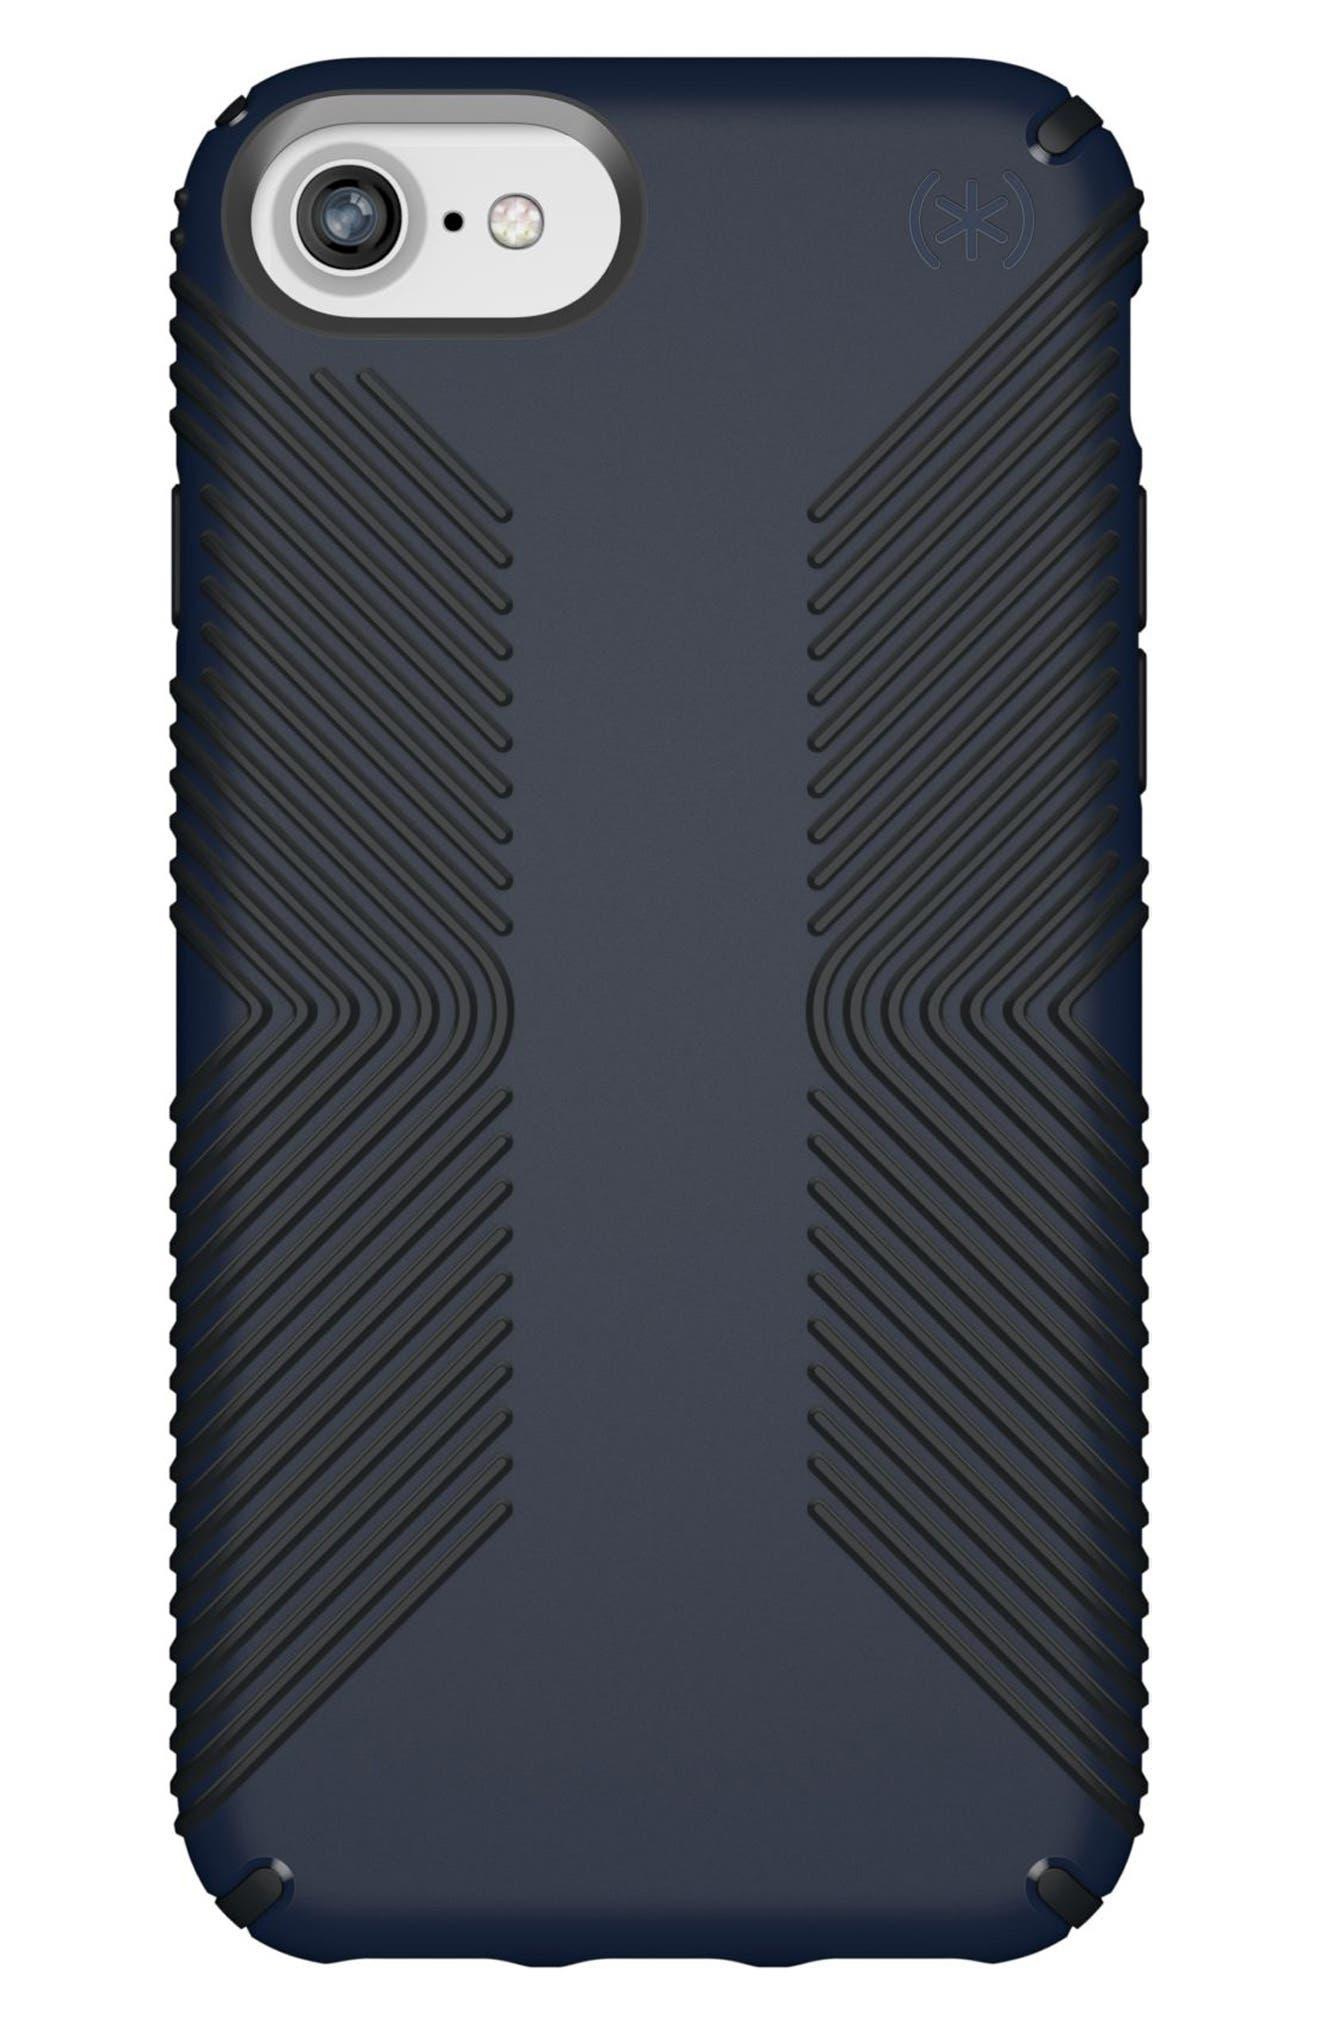 Grip iPhone 6/6s/7/8 Case,                         Main,                         color, Eclipse Blue/ Carbon Black